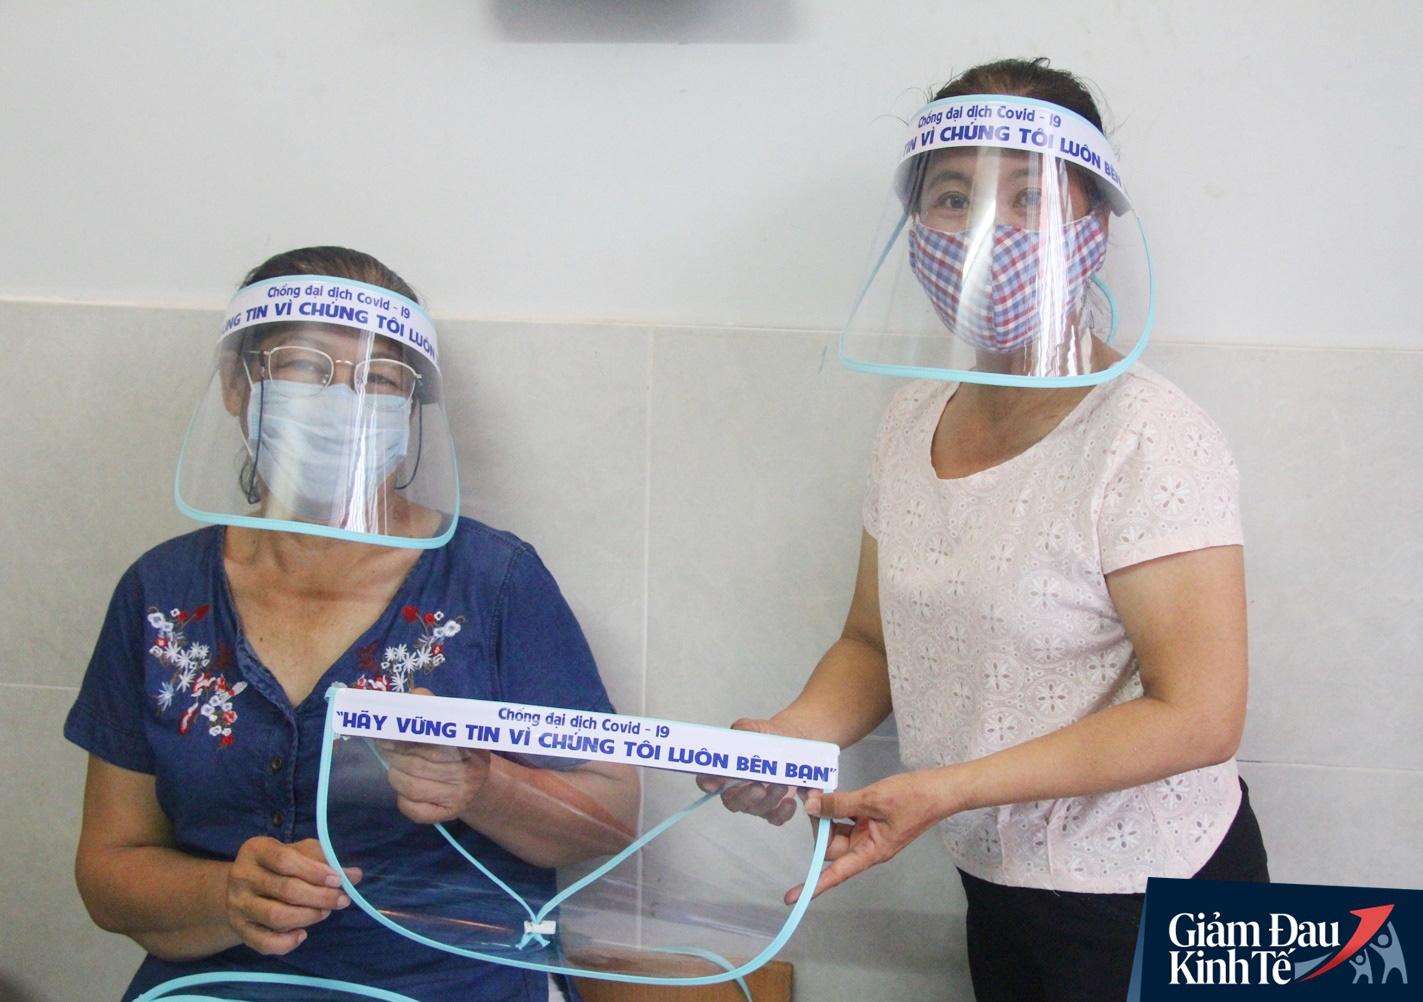 Gặp nữ tiểu thương Sài Gòn xuất hiện trên loạt báo quốc tế khi cùng nhóm bạn tự làm hơn 1.500 chiếc mặt nạ ngăn giọt bắn, tặng các y bác sĩ chống dịch Covid-19 - Ảnh 14.